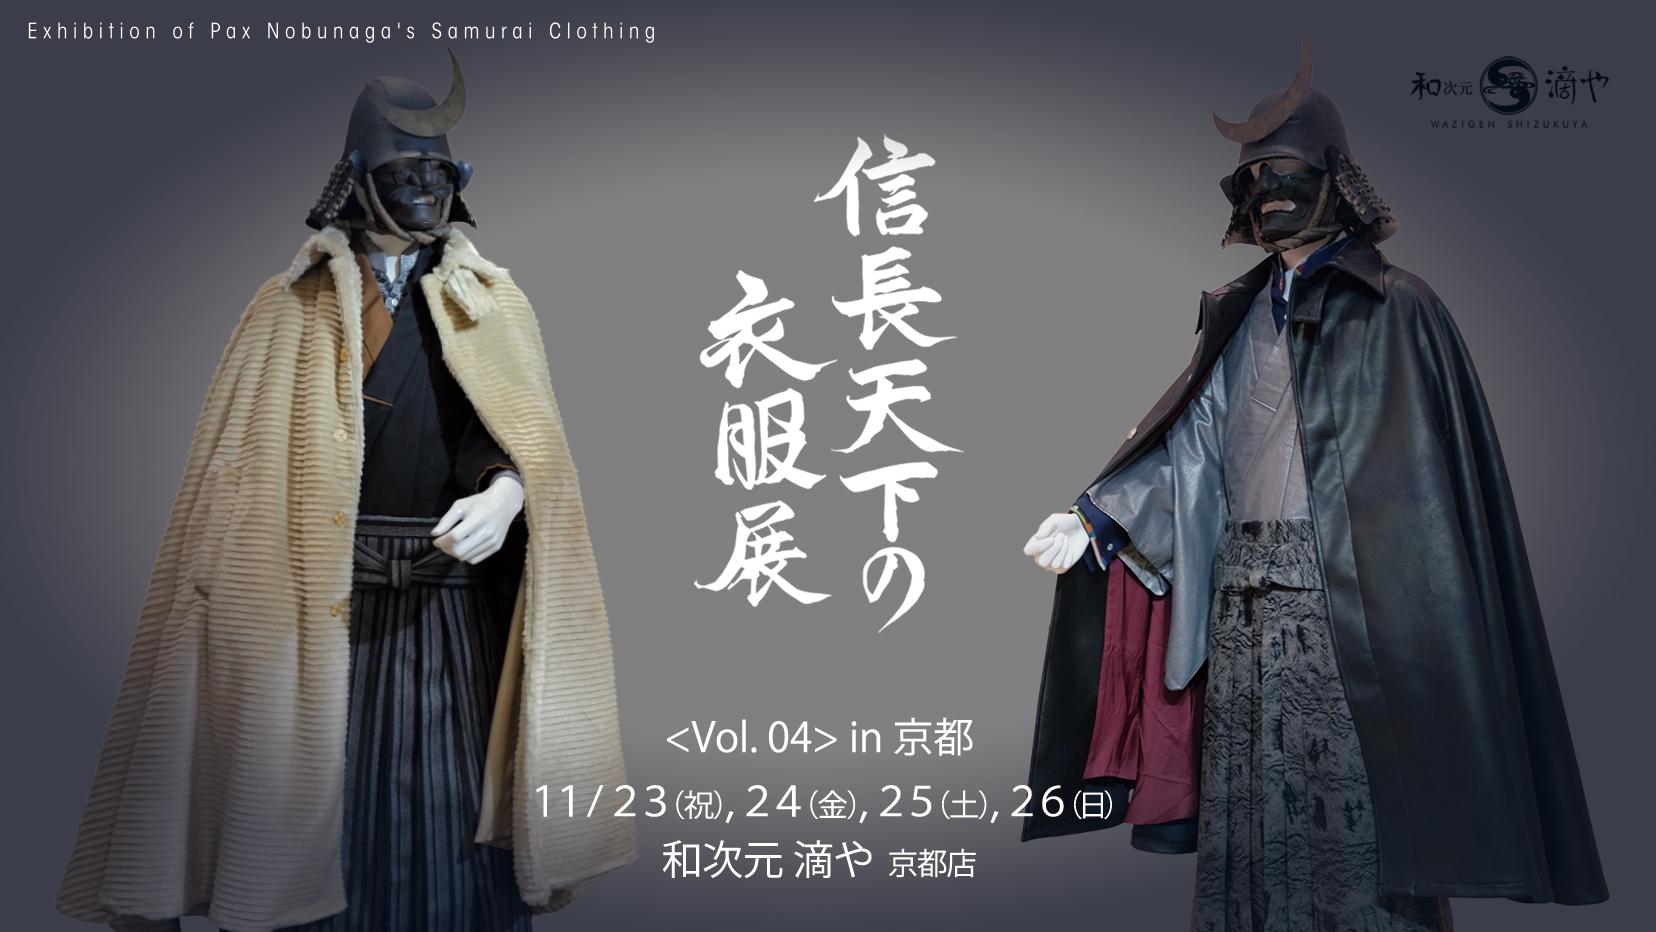 信長天下の衣服展 <Vol. 04> in 京都